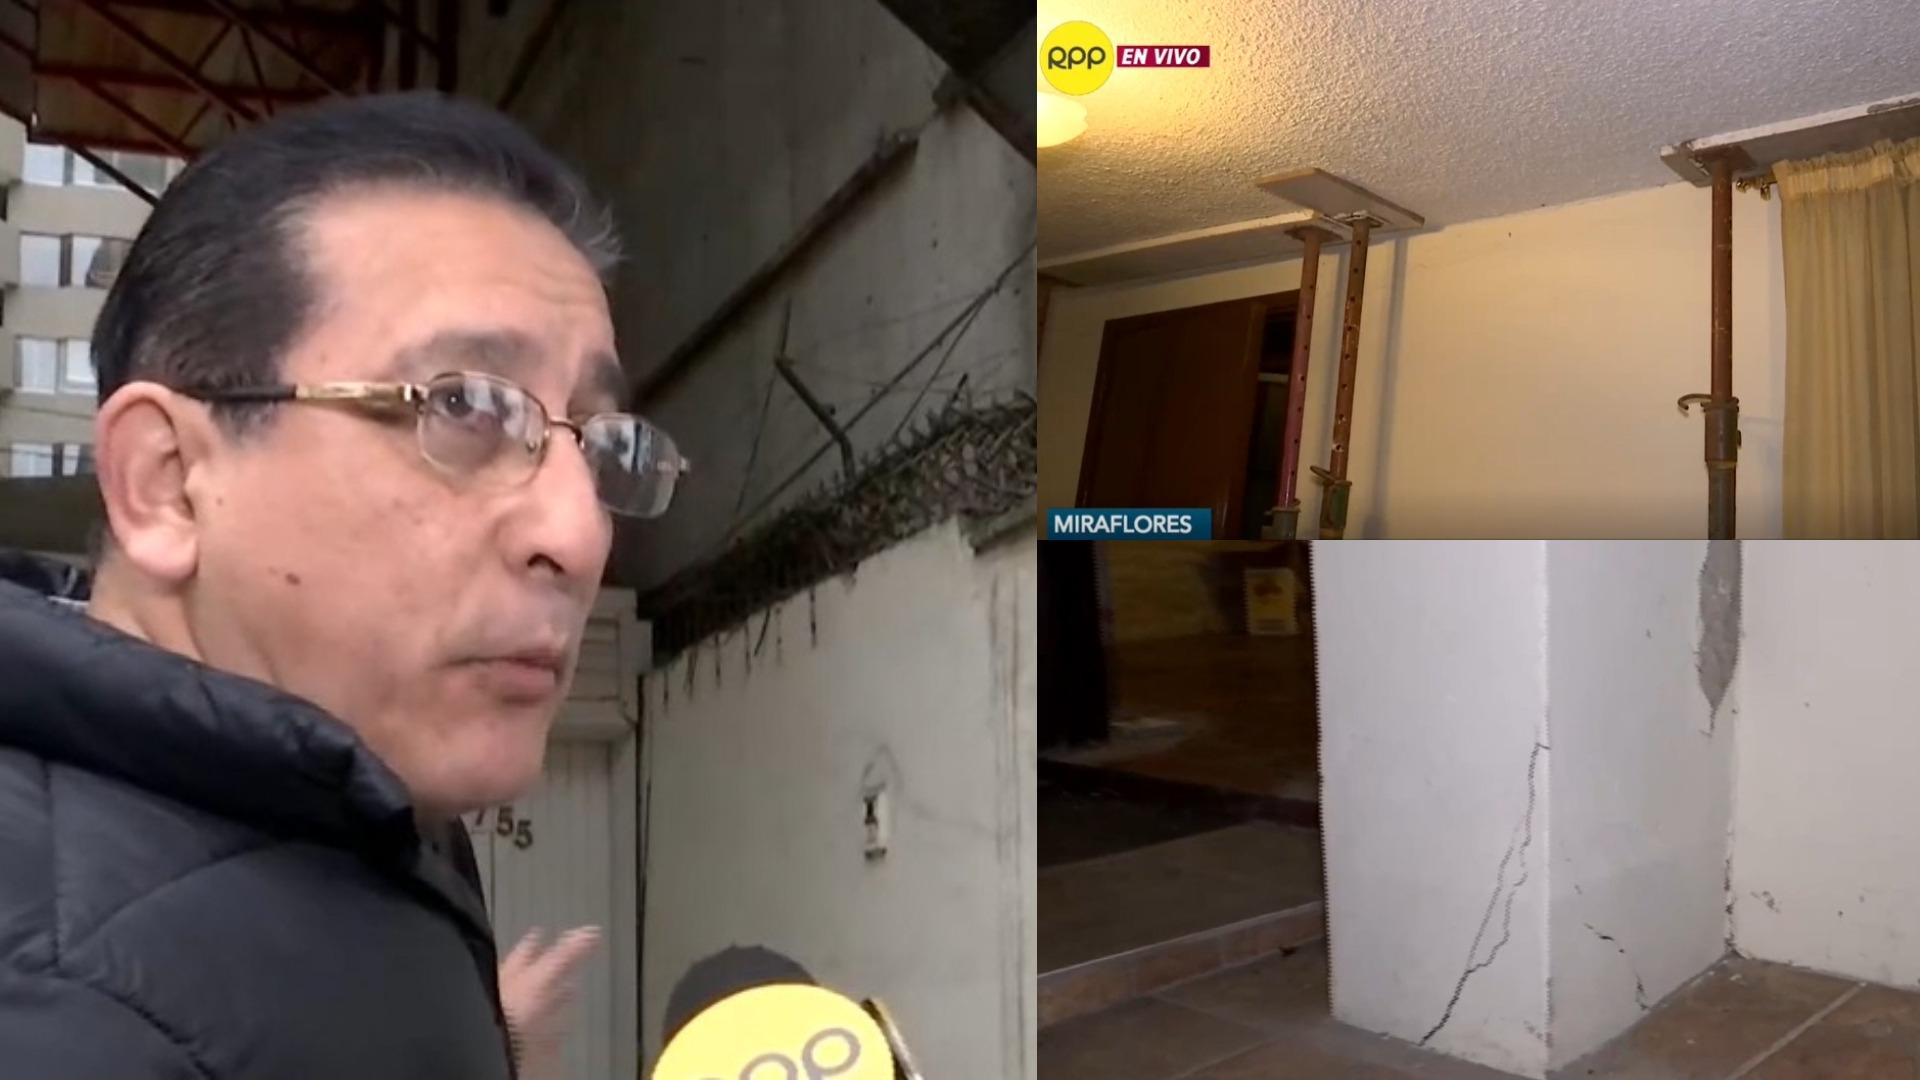 Vivienda en riesgo en Miraflores